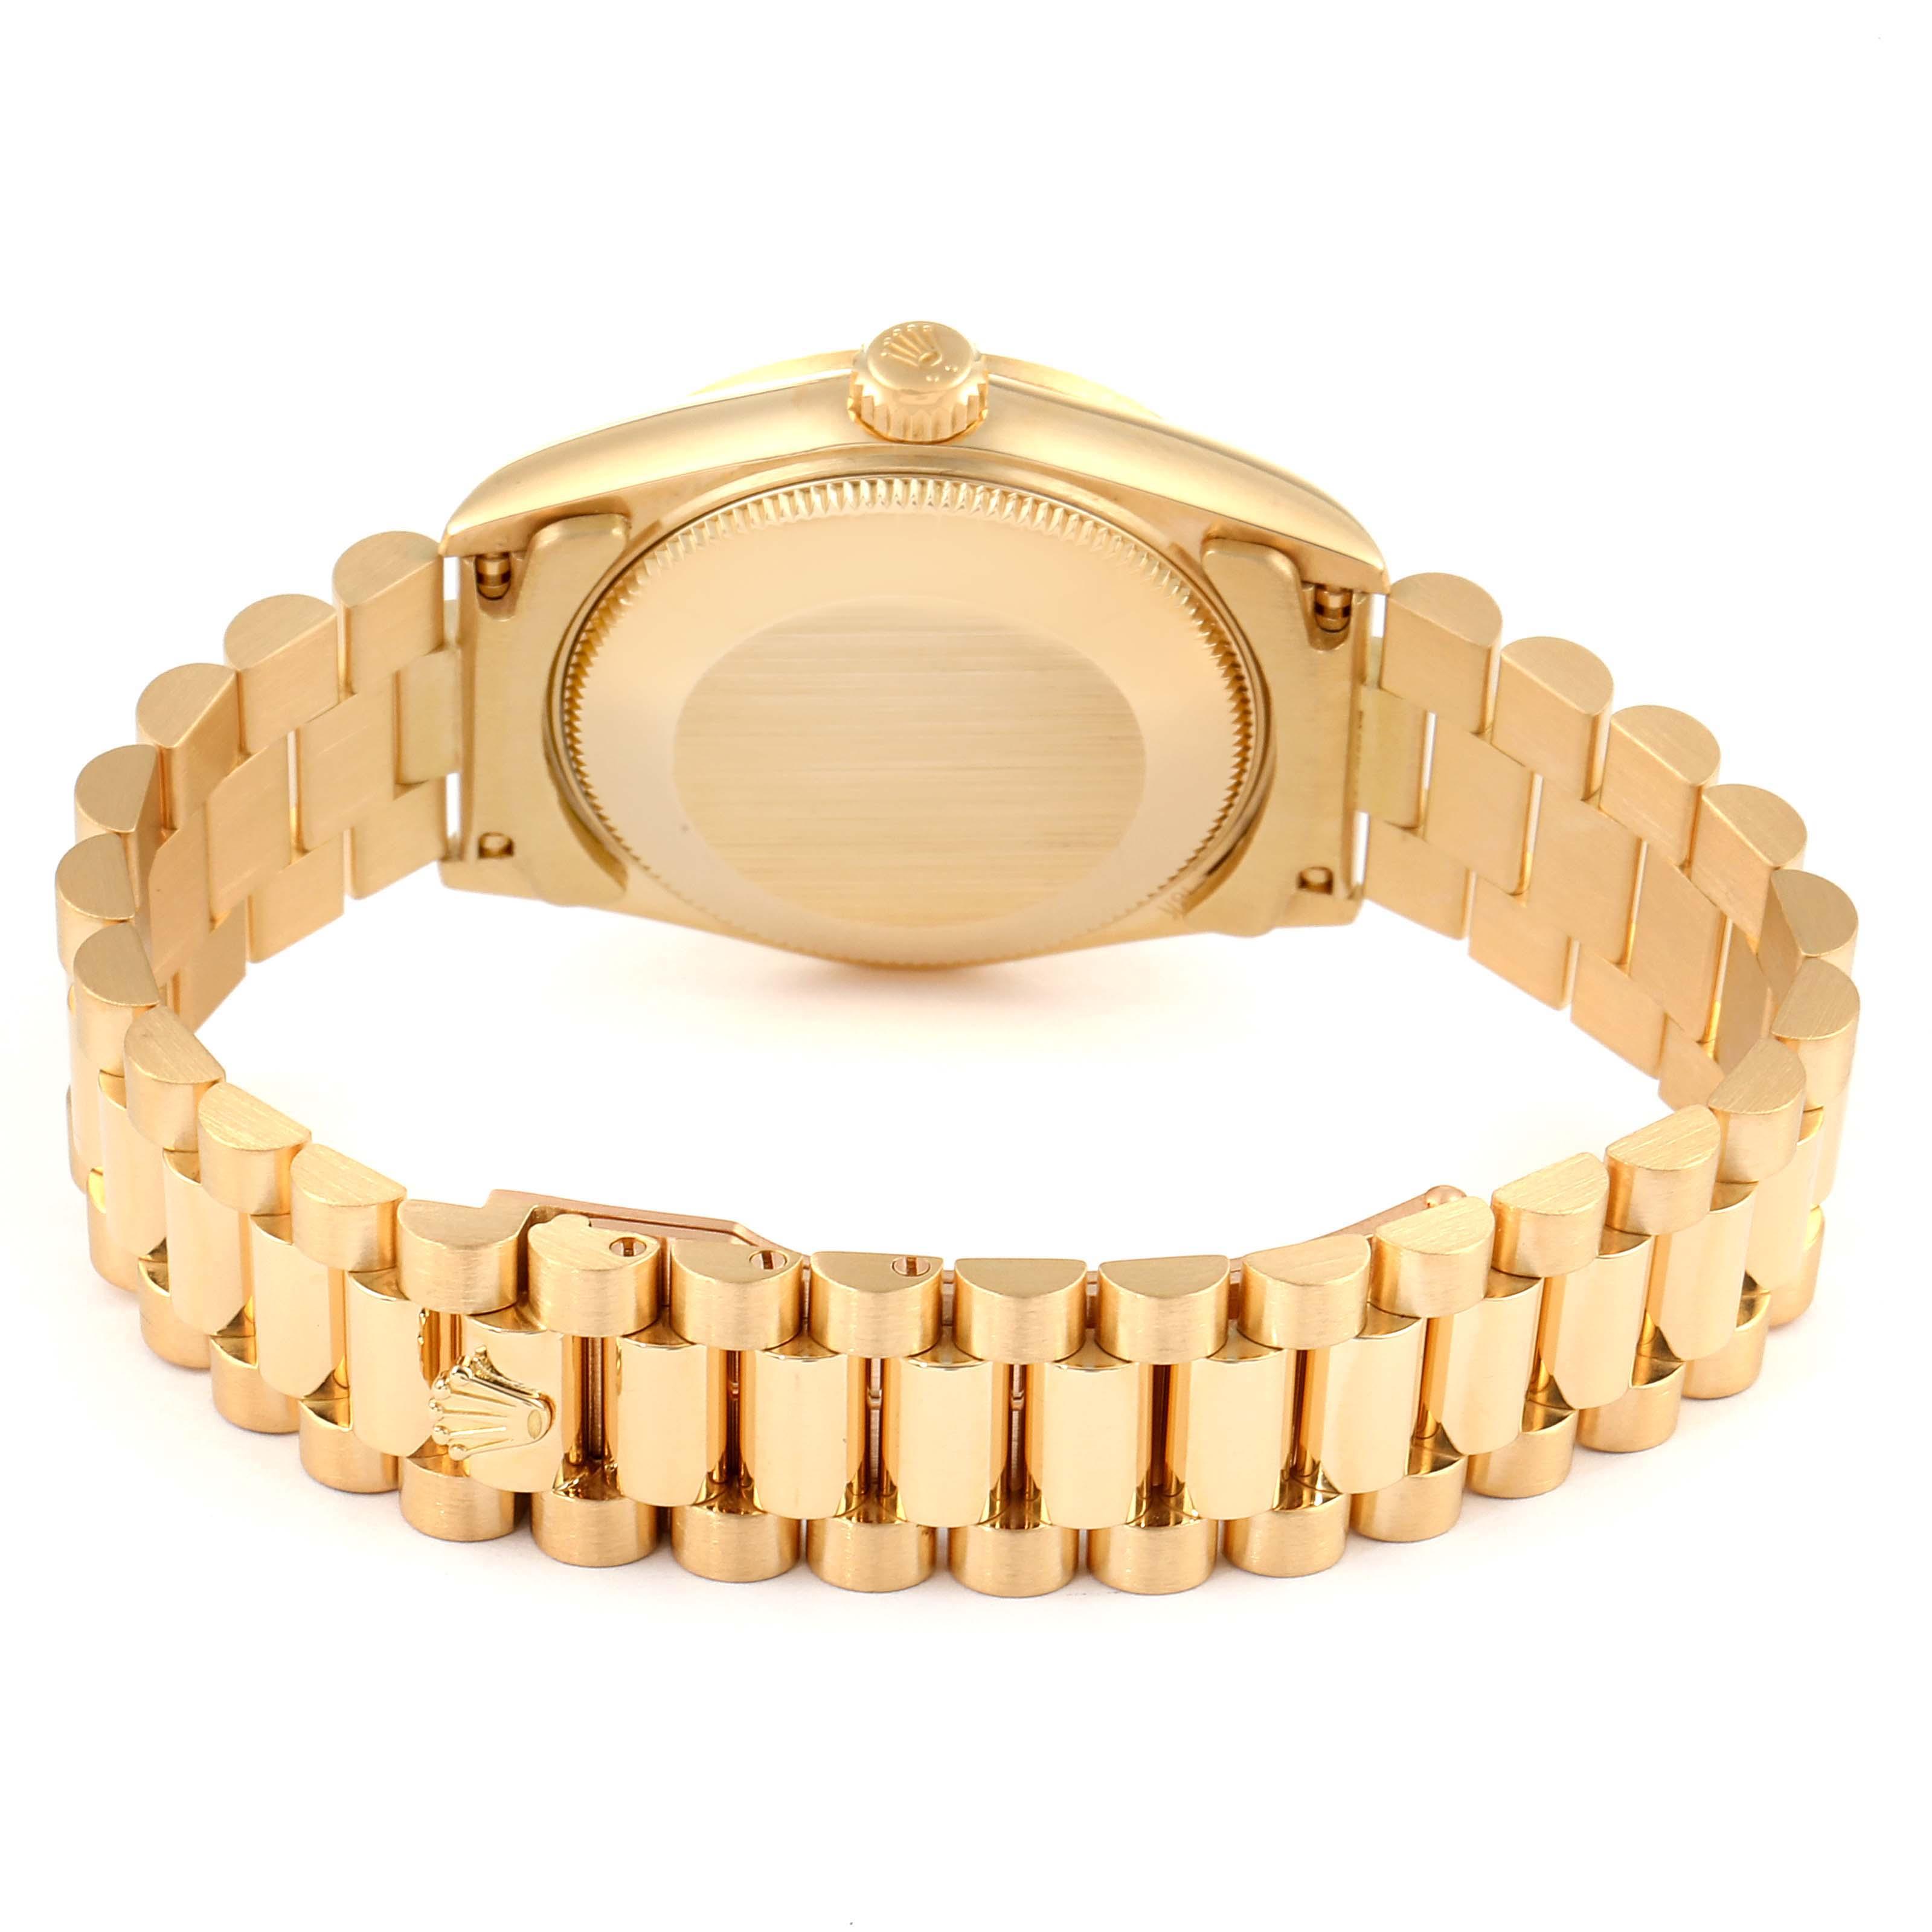 Rolex President Datejust 31 Midsize 18K Gold Diamond Watch 68278 SwissWatchExpo